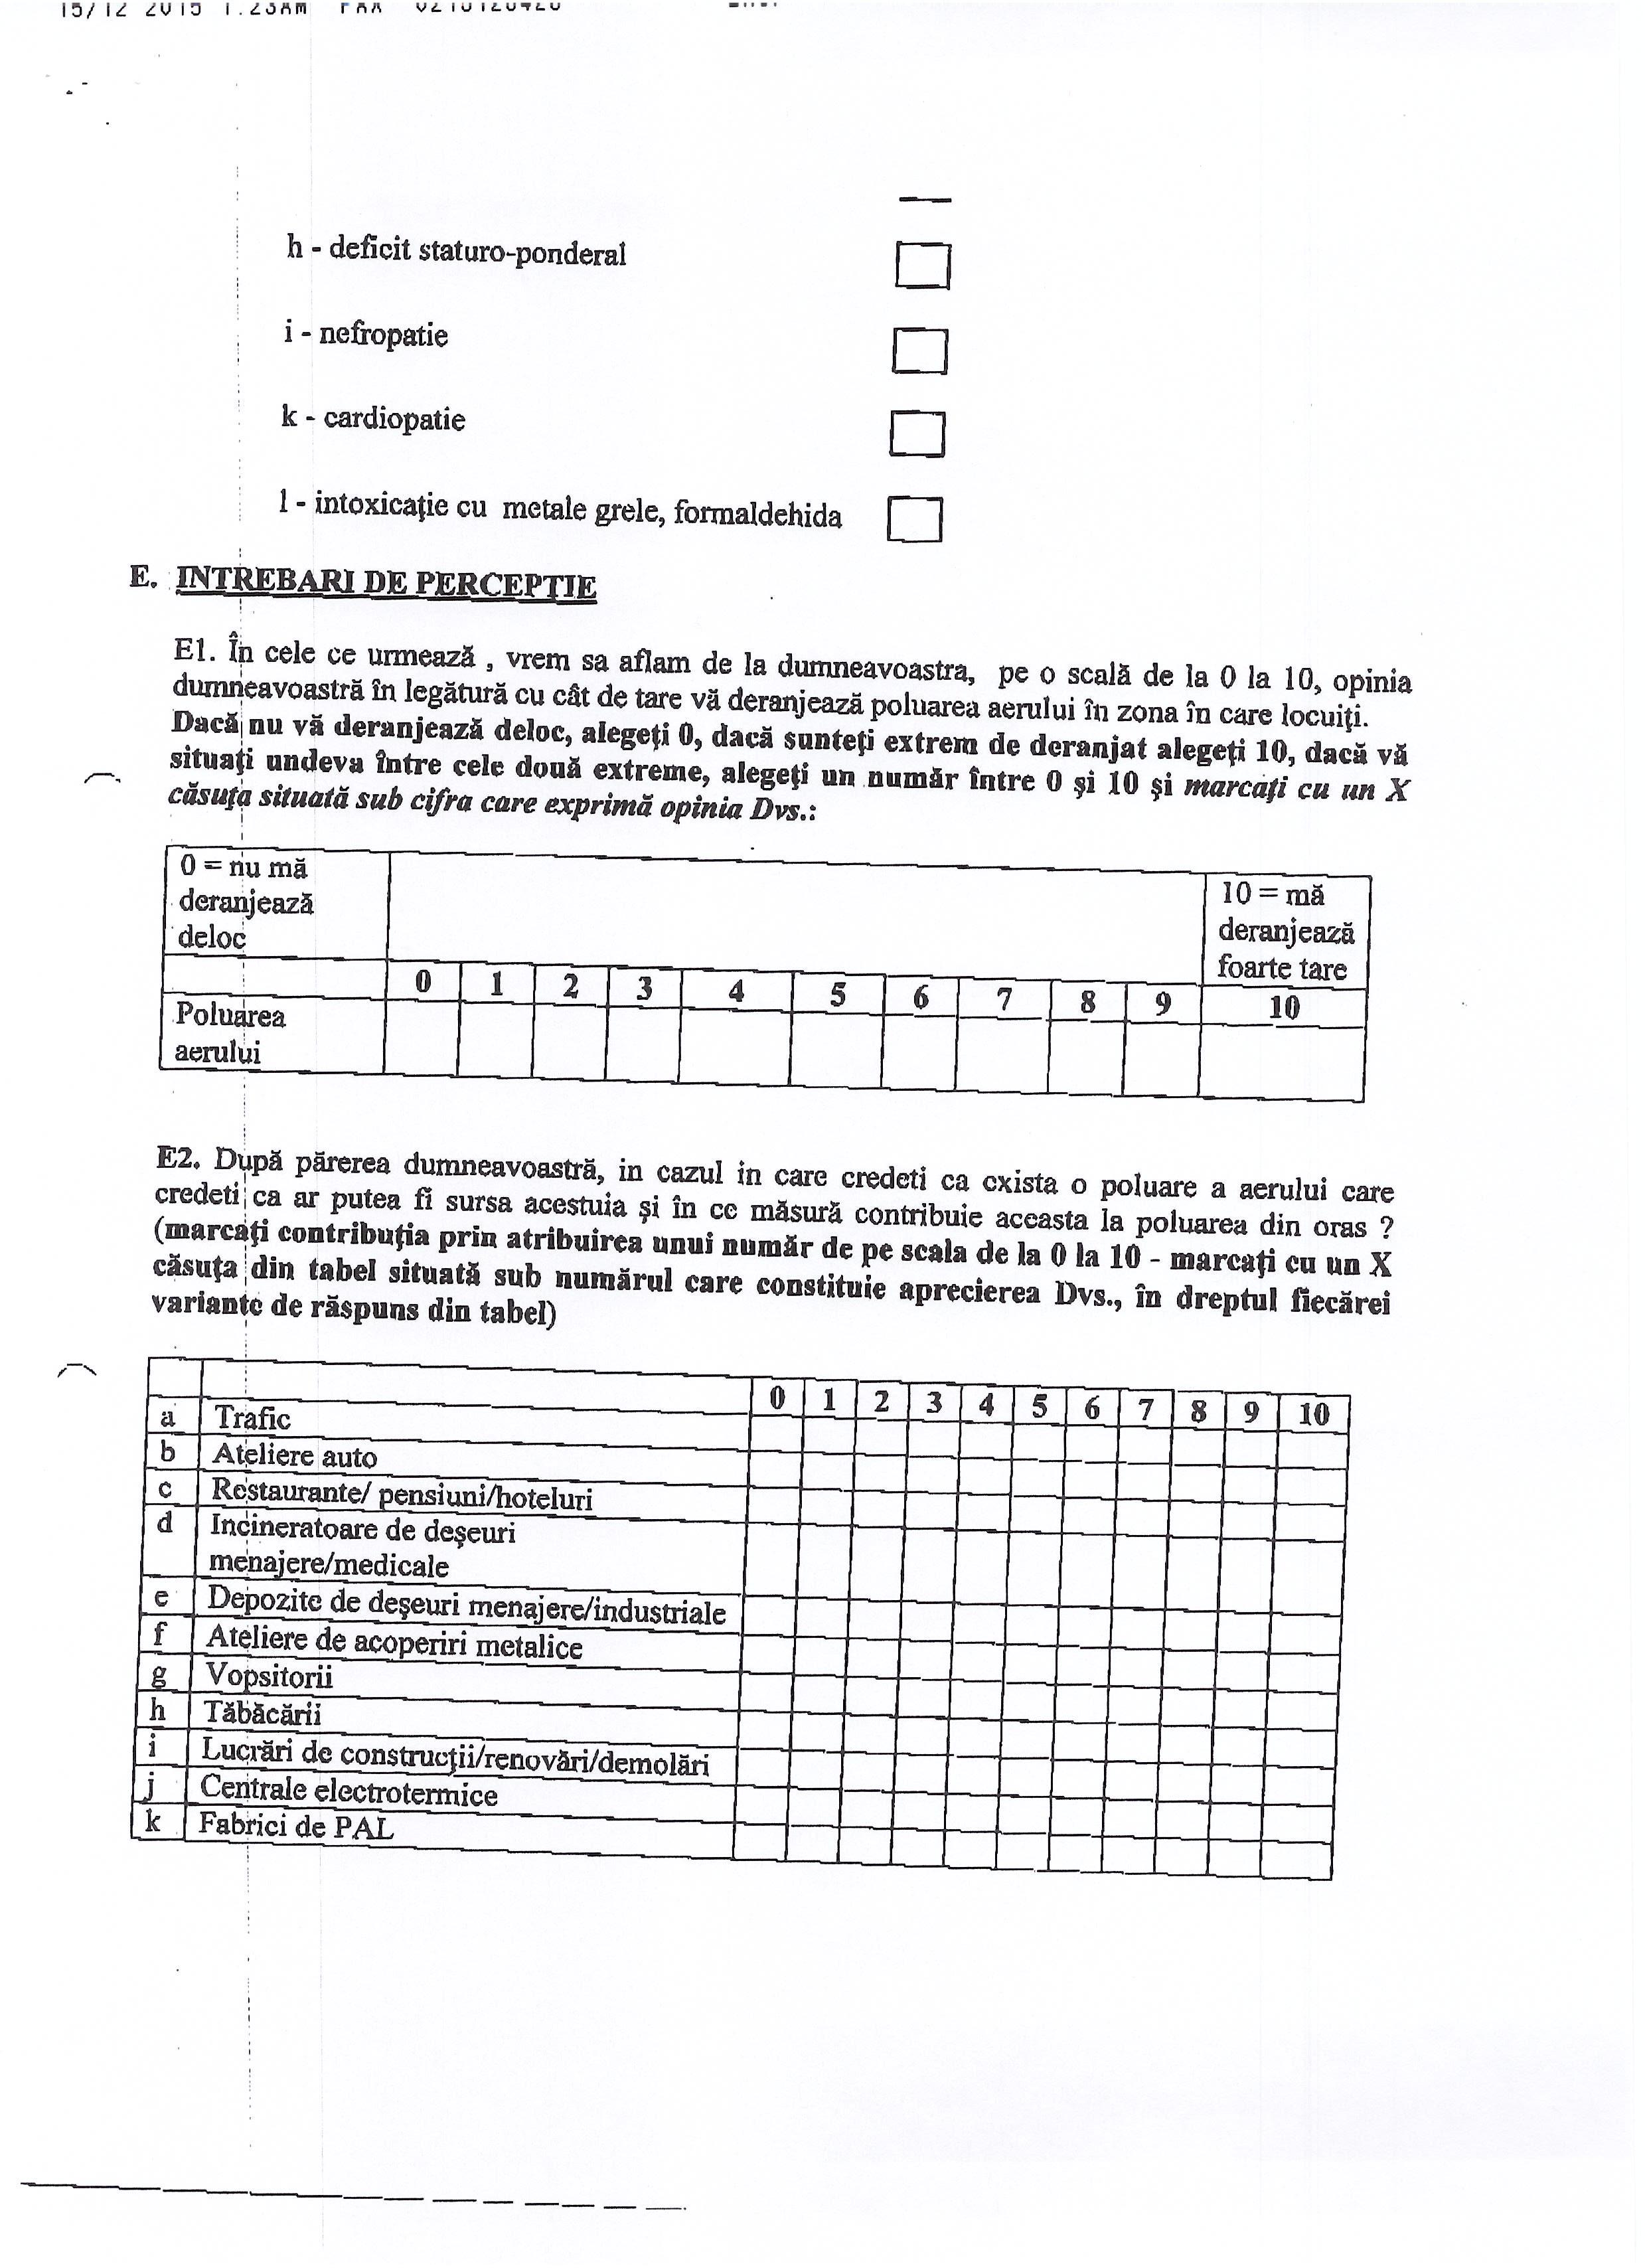 Pagină din ceshtionarul aplicat de primăria Sebeș, privind percepția subiectivă a locuitorilor legată de sănătate și mediu